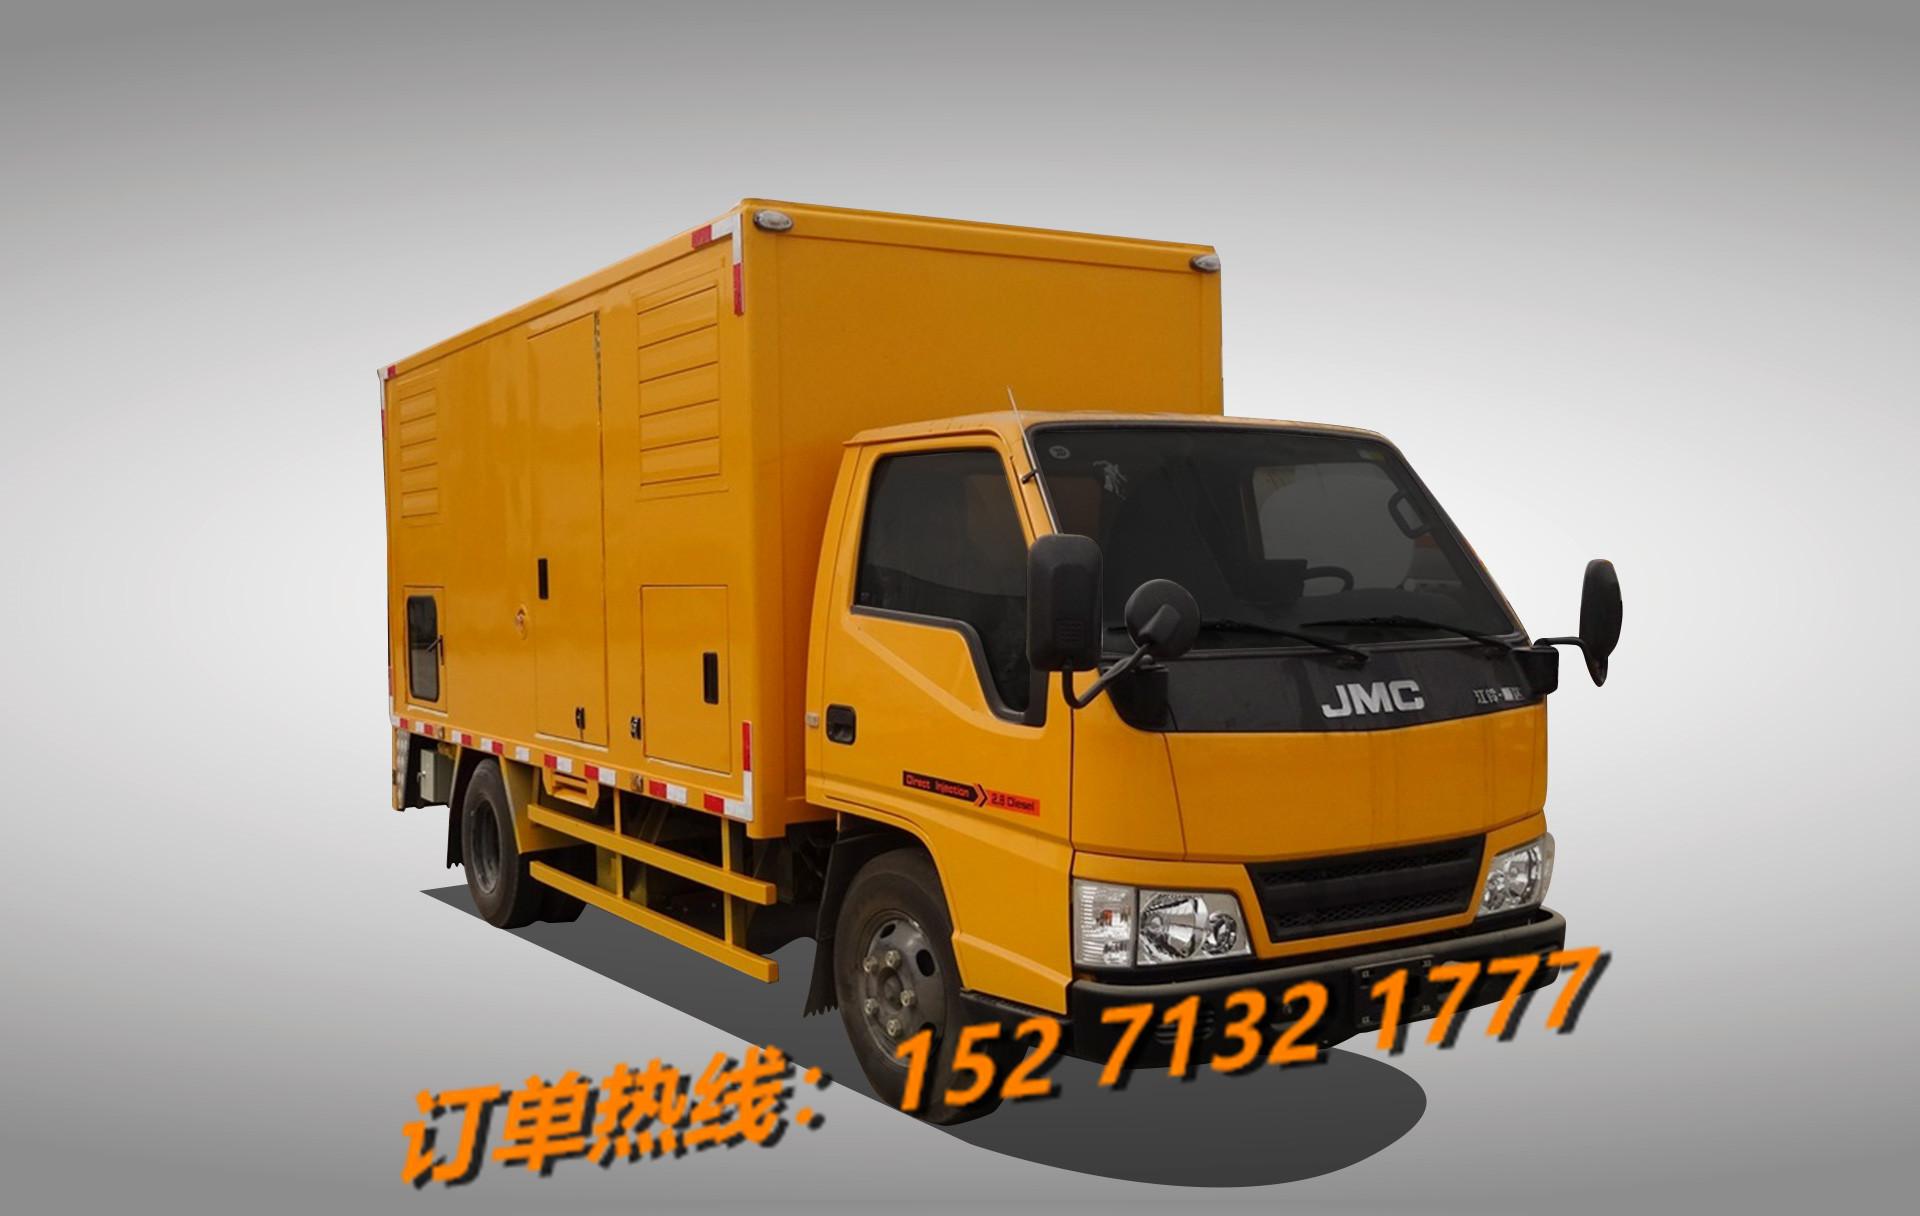 江铃顺达小型电源车15271321777 (1)